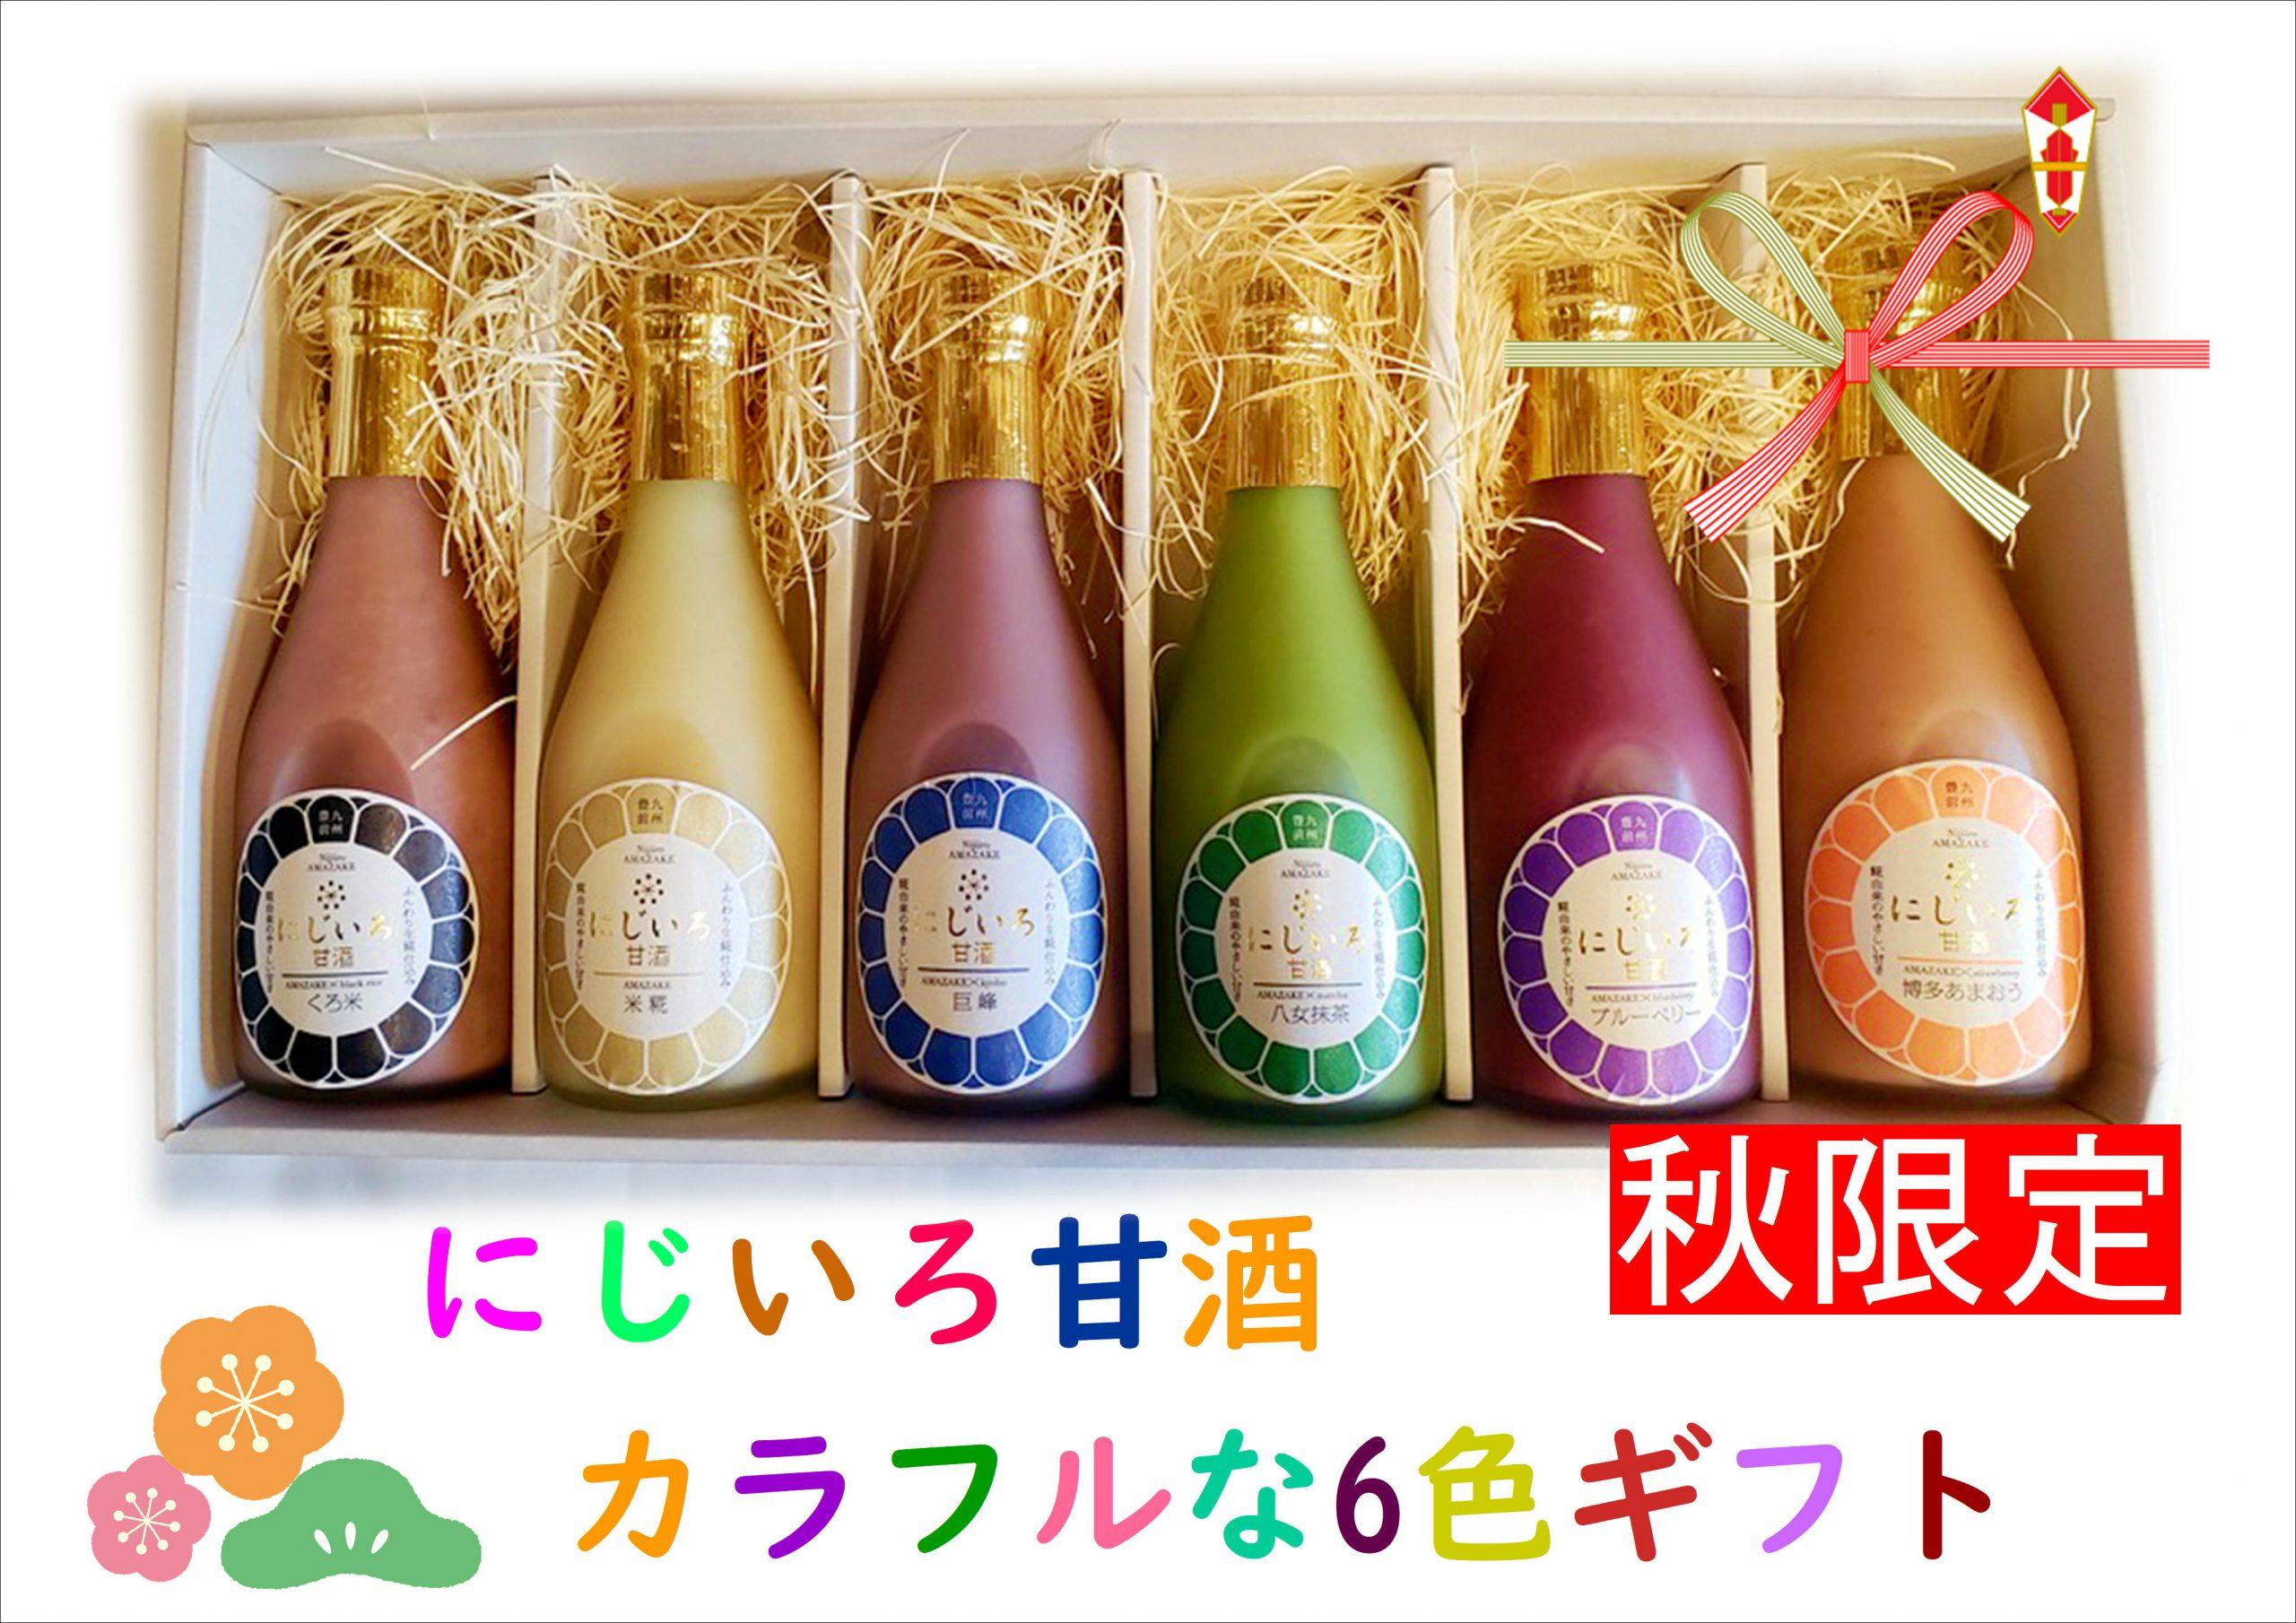 【敬老の日にもおすすめ】にじいろ甘酒 秋のカラフルな6色ギフトセット(巨峰、ブルーベリー、米糀、黒米、八女抹茶、博多あまおう)